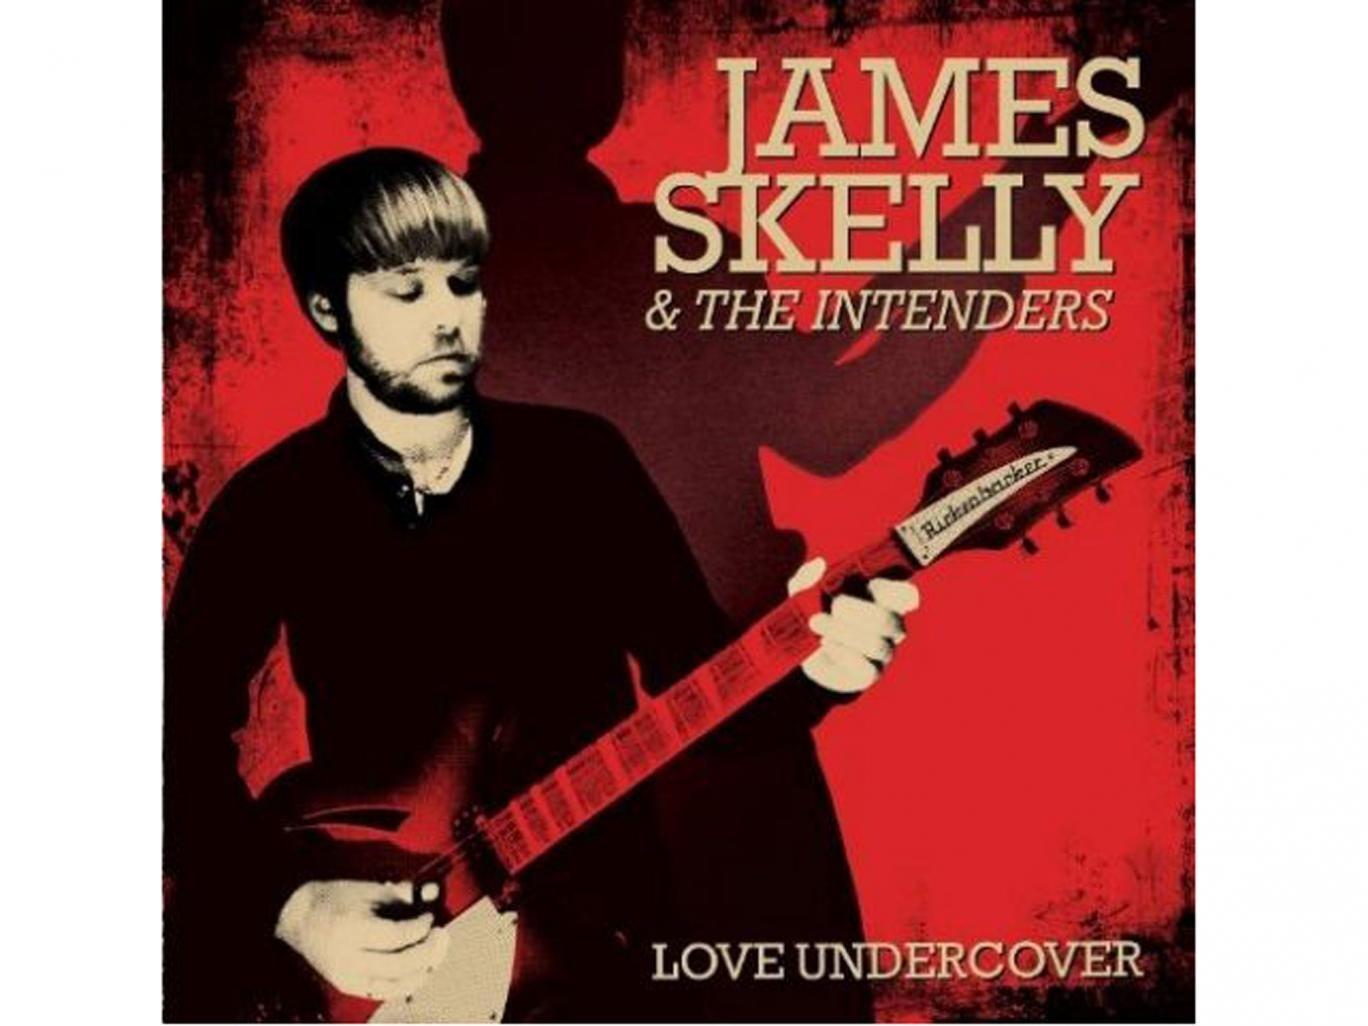 James Skelly & The Intenders, Love Undercover (Skeleton Key/Cooking Vinyl)